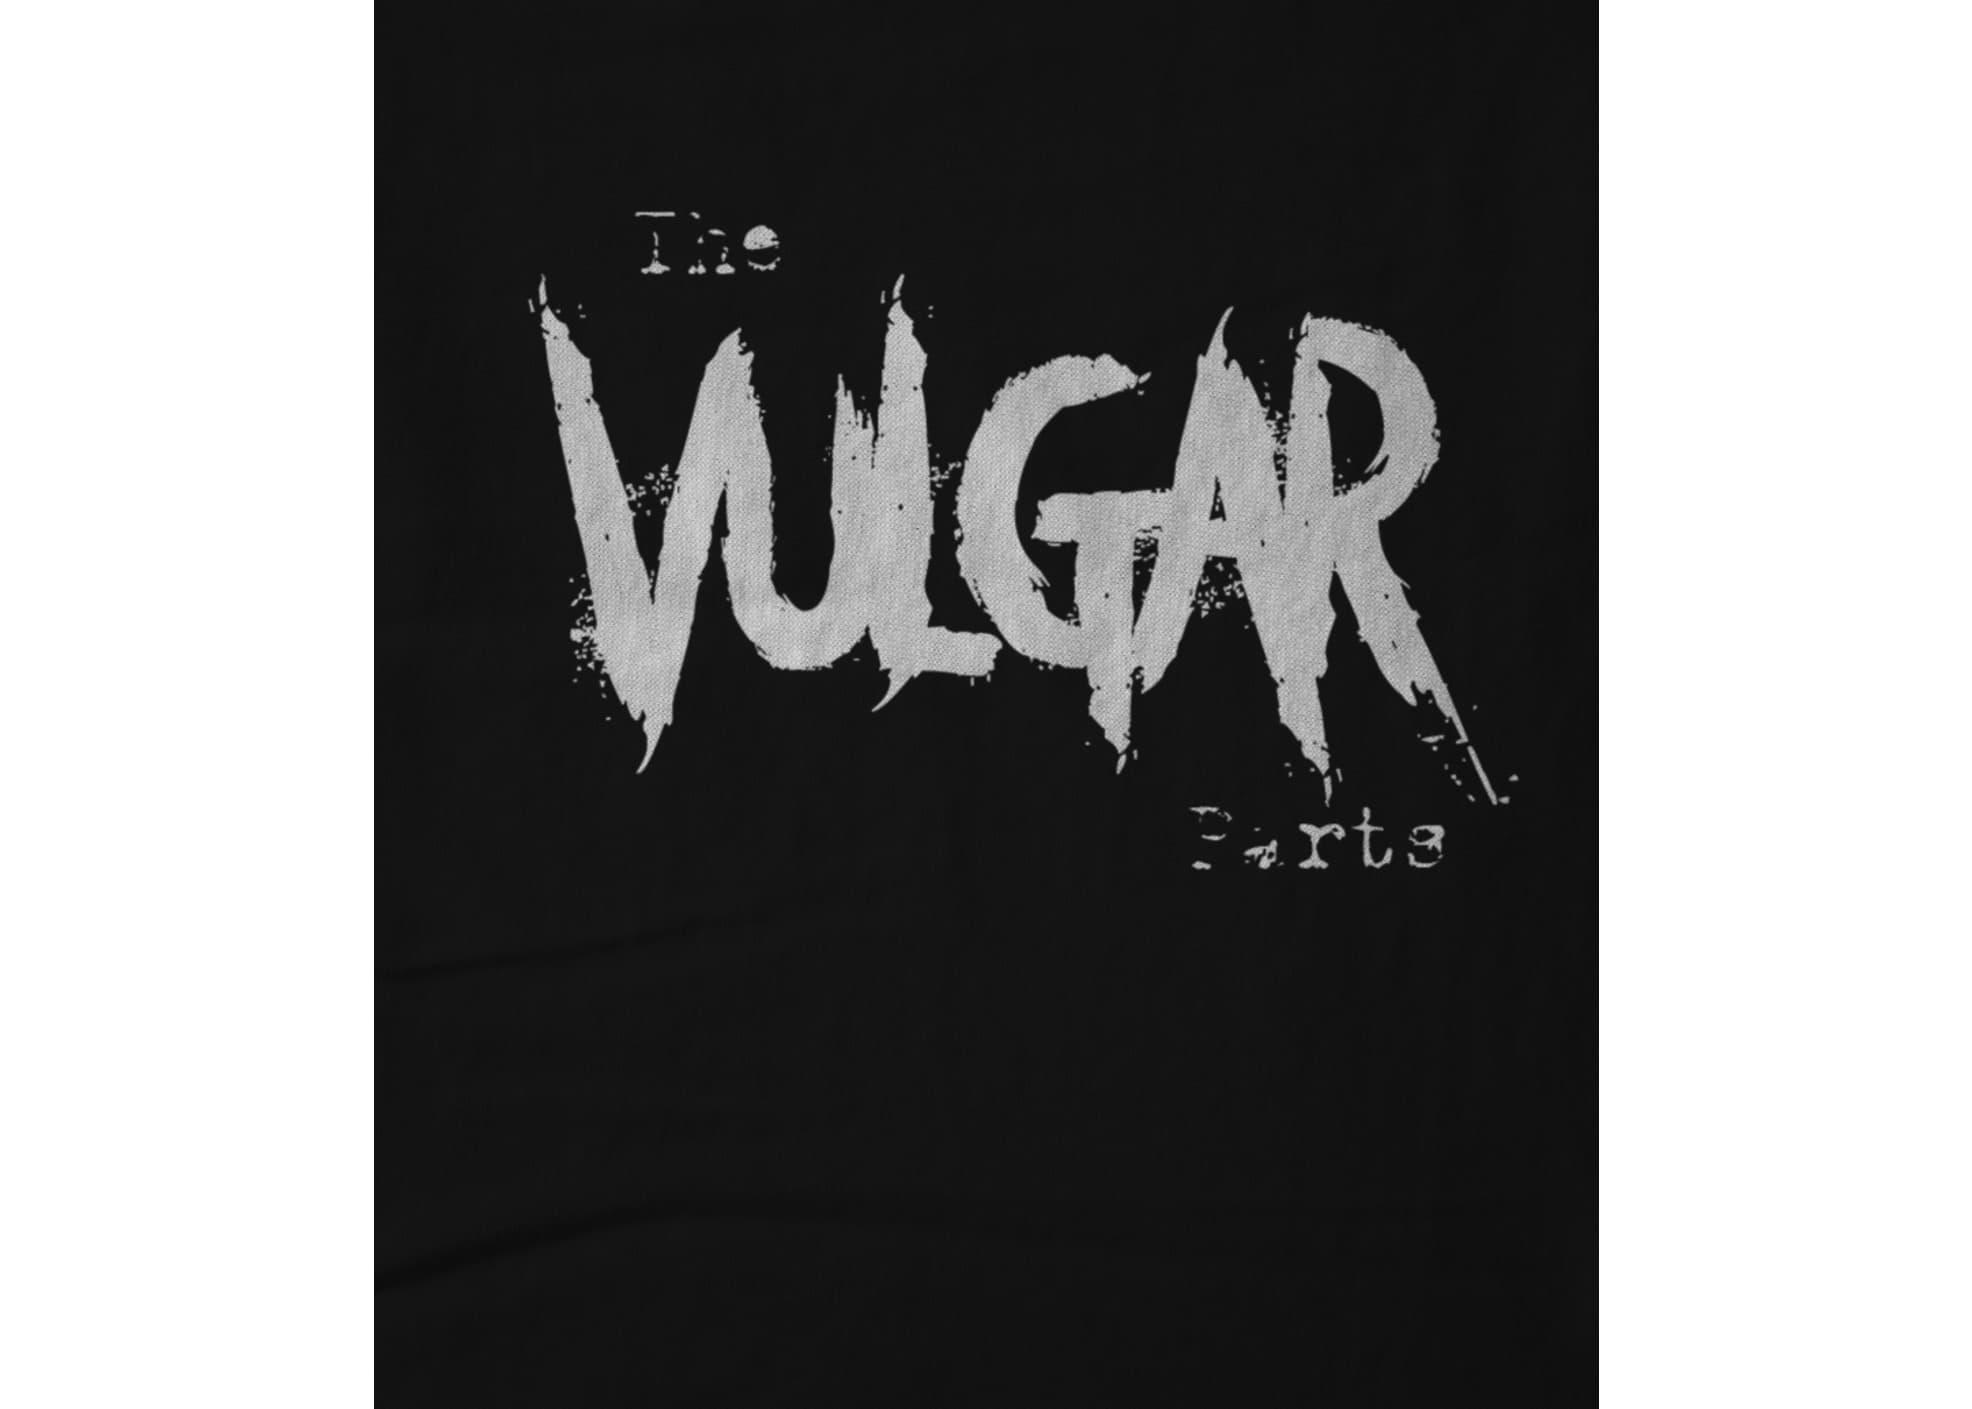 The vulgar parts v3 the vulgar parts v3 1619893426